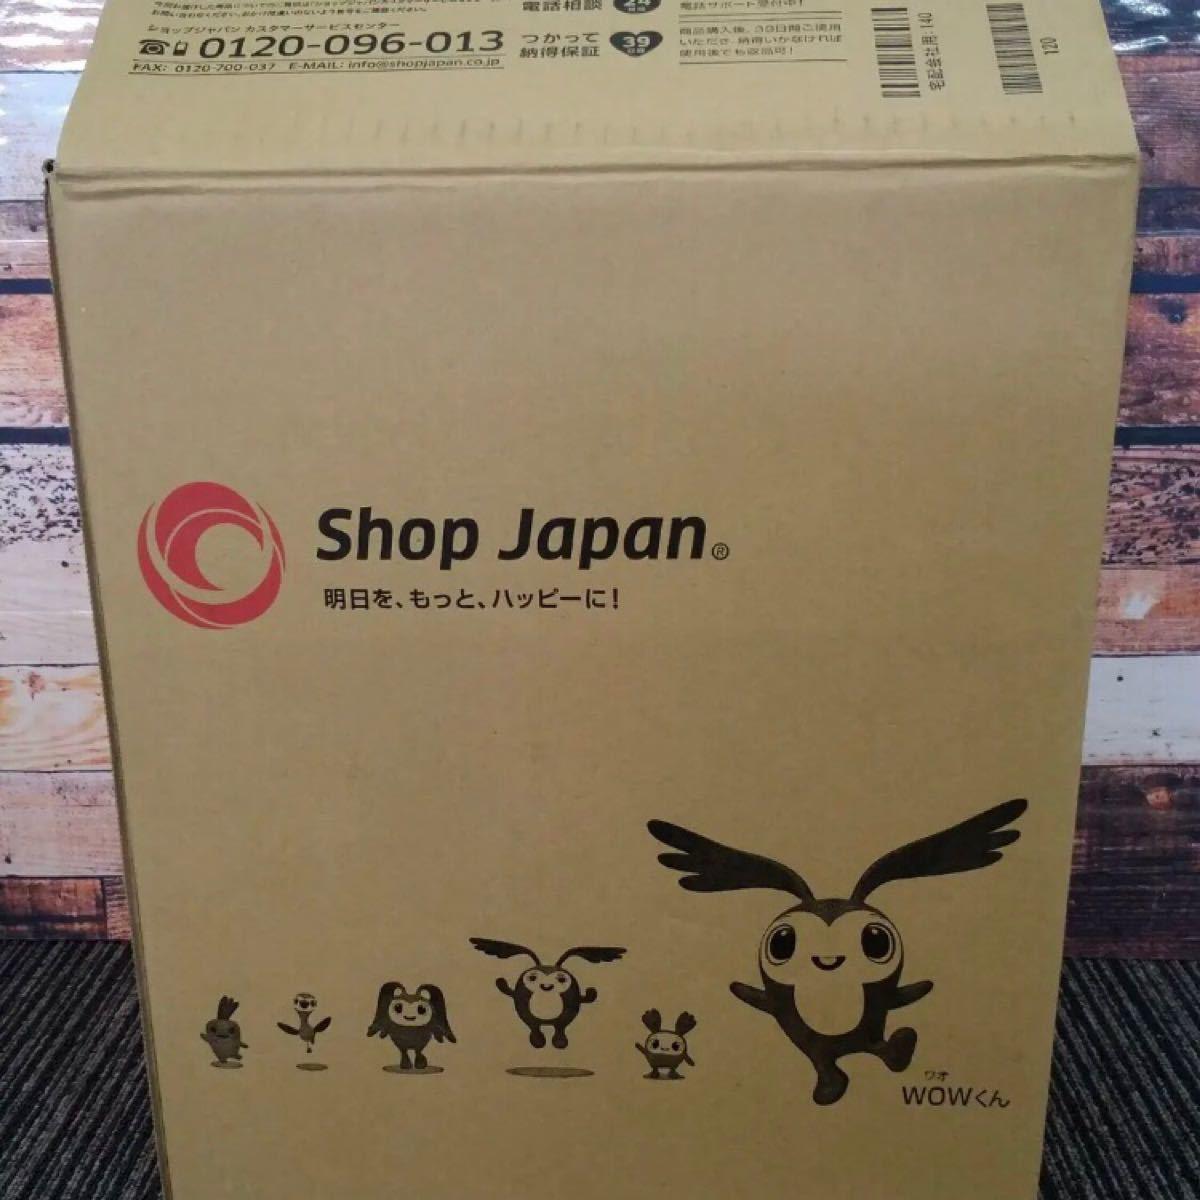 新品未使用クッキングプロ 電気圧力鍋 プレッシャーキングプロ  ショップジャパン